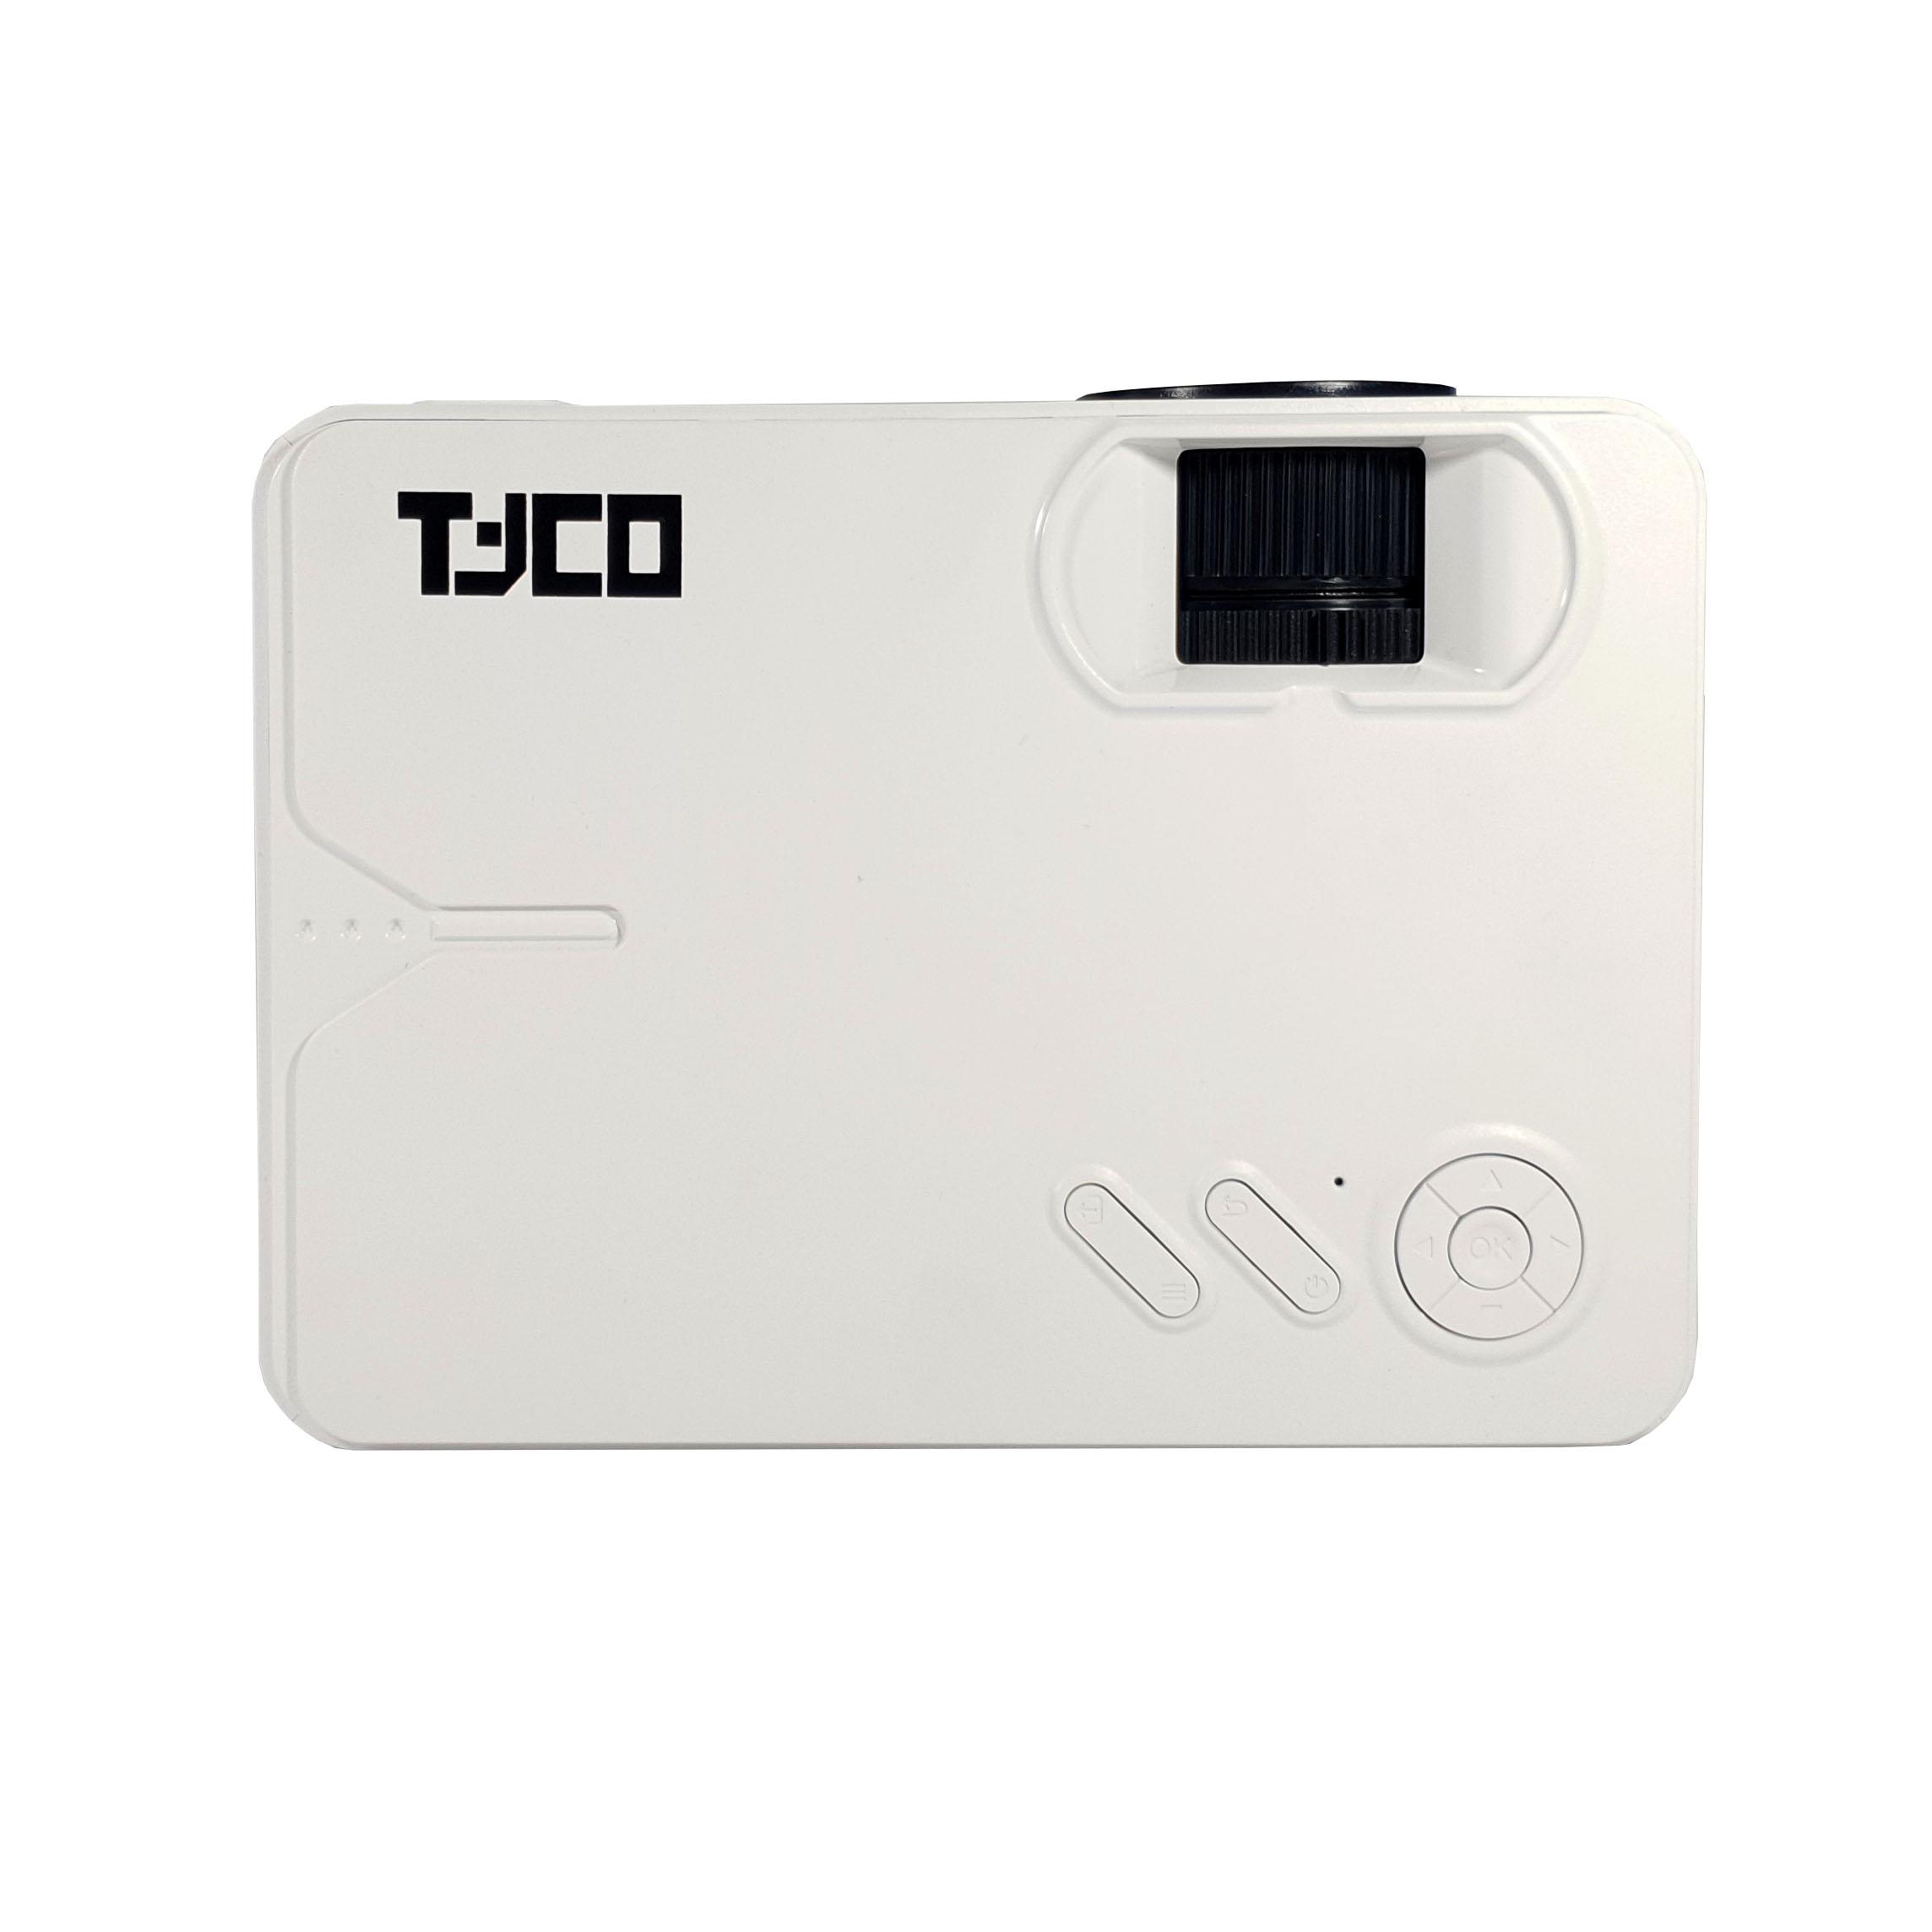 Máy chiếu mini Tyco T1800+ wifi - Hàng chính hãng